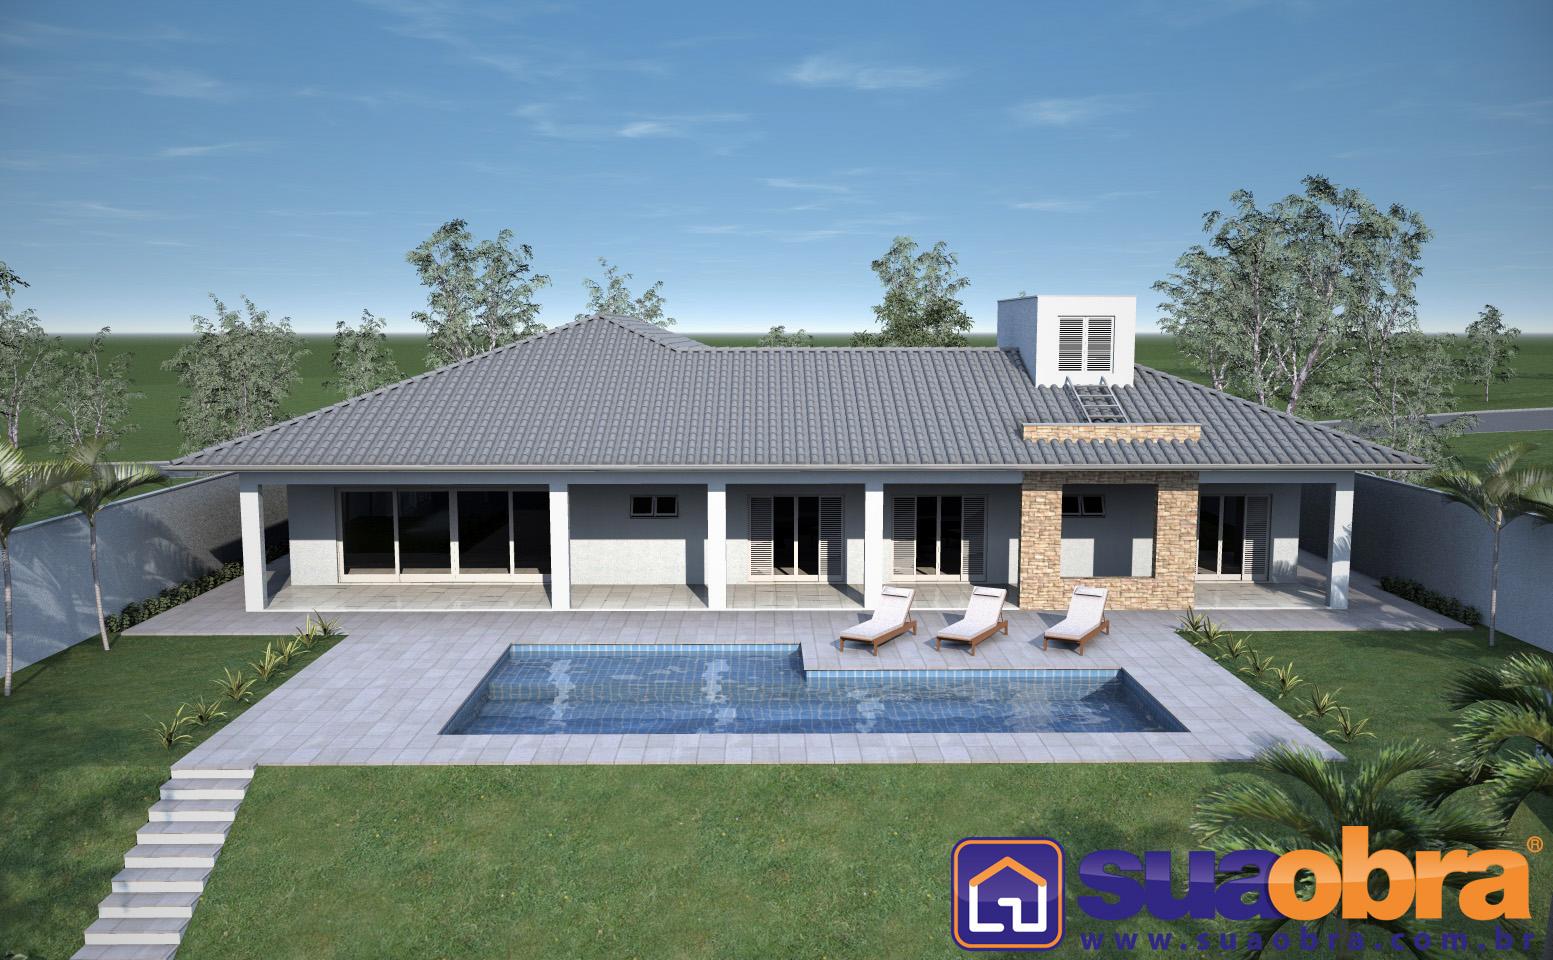 Lista com 07 Projetos de Casas Térreas de Arquitetos e Engenheiros  #386A93 1553 960